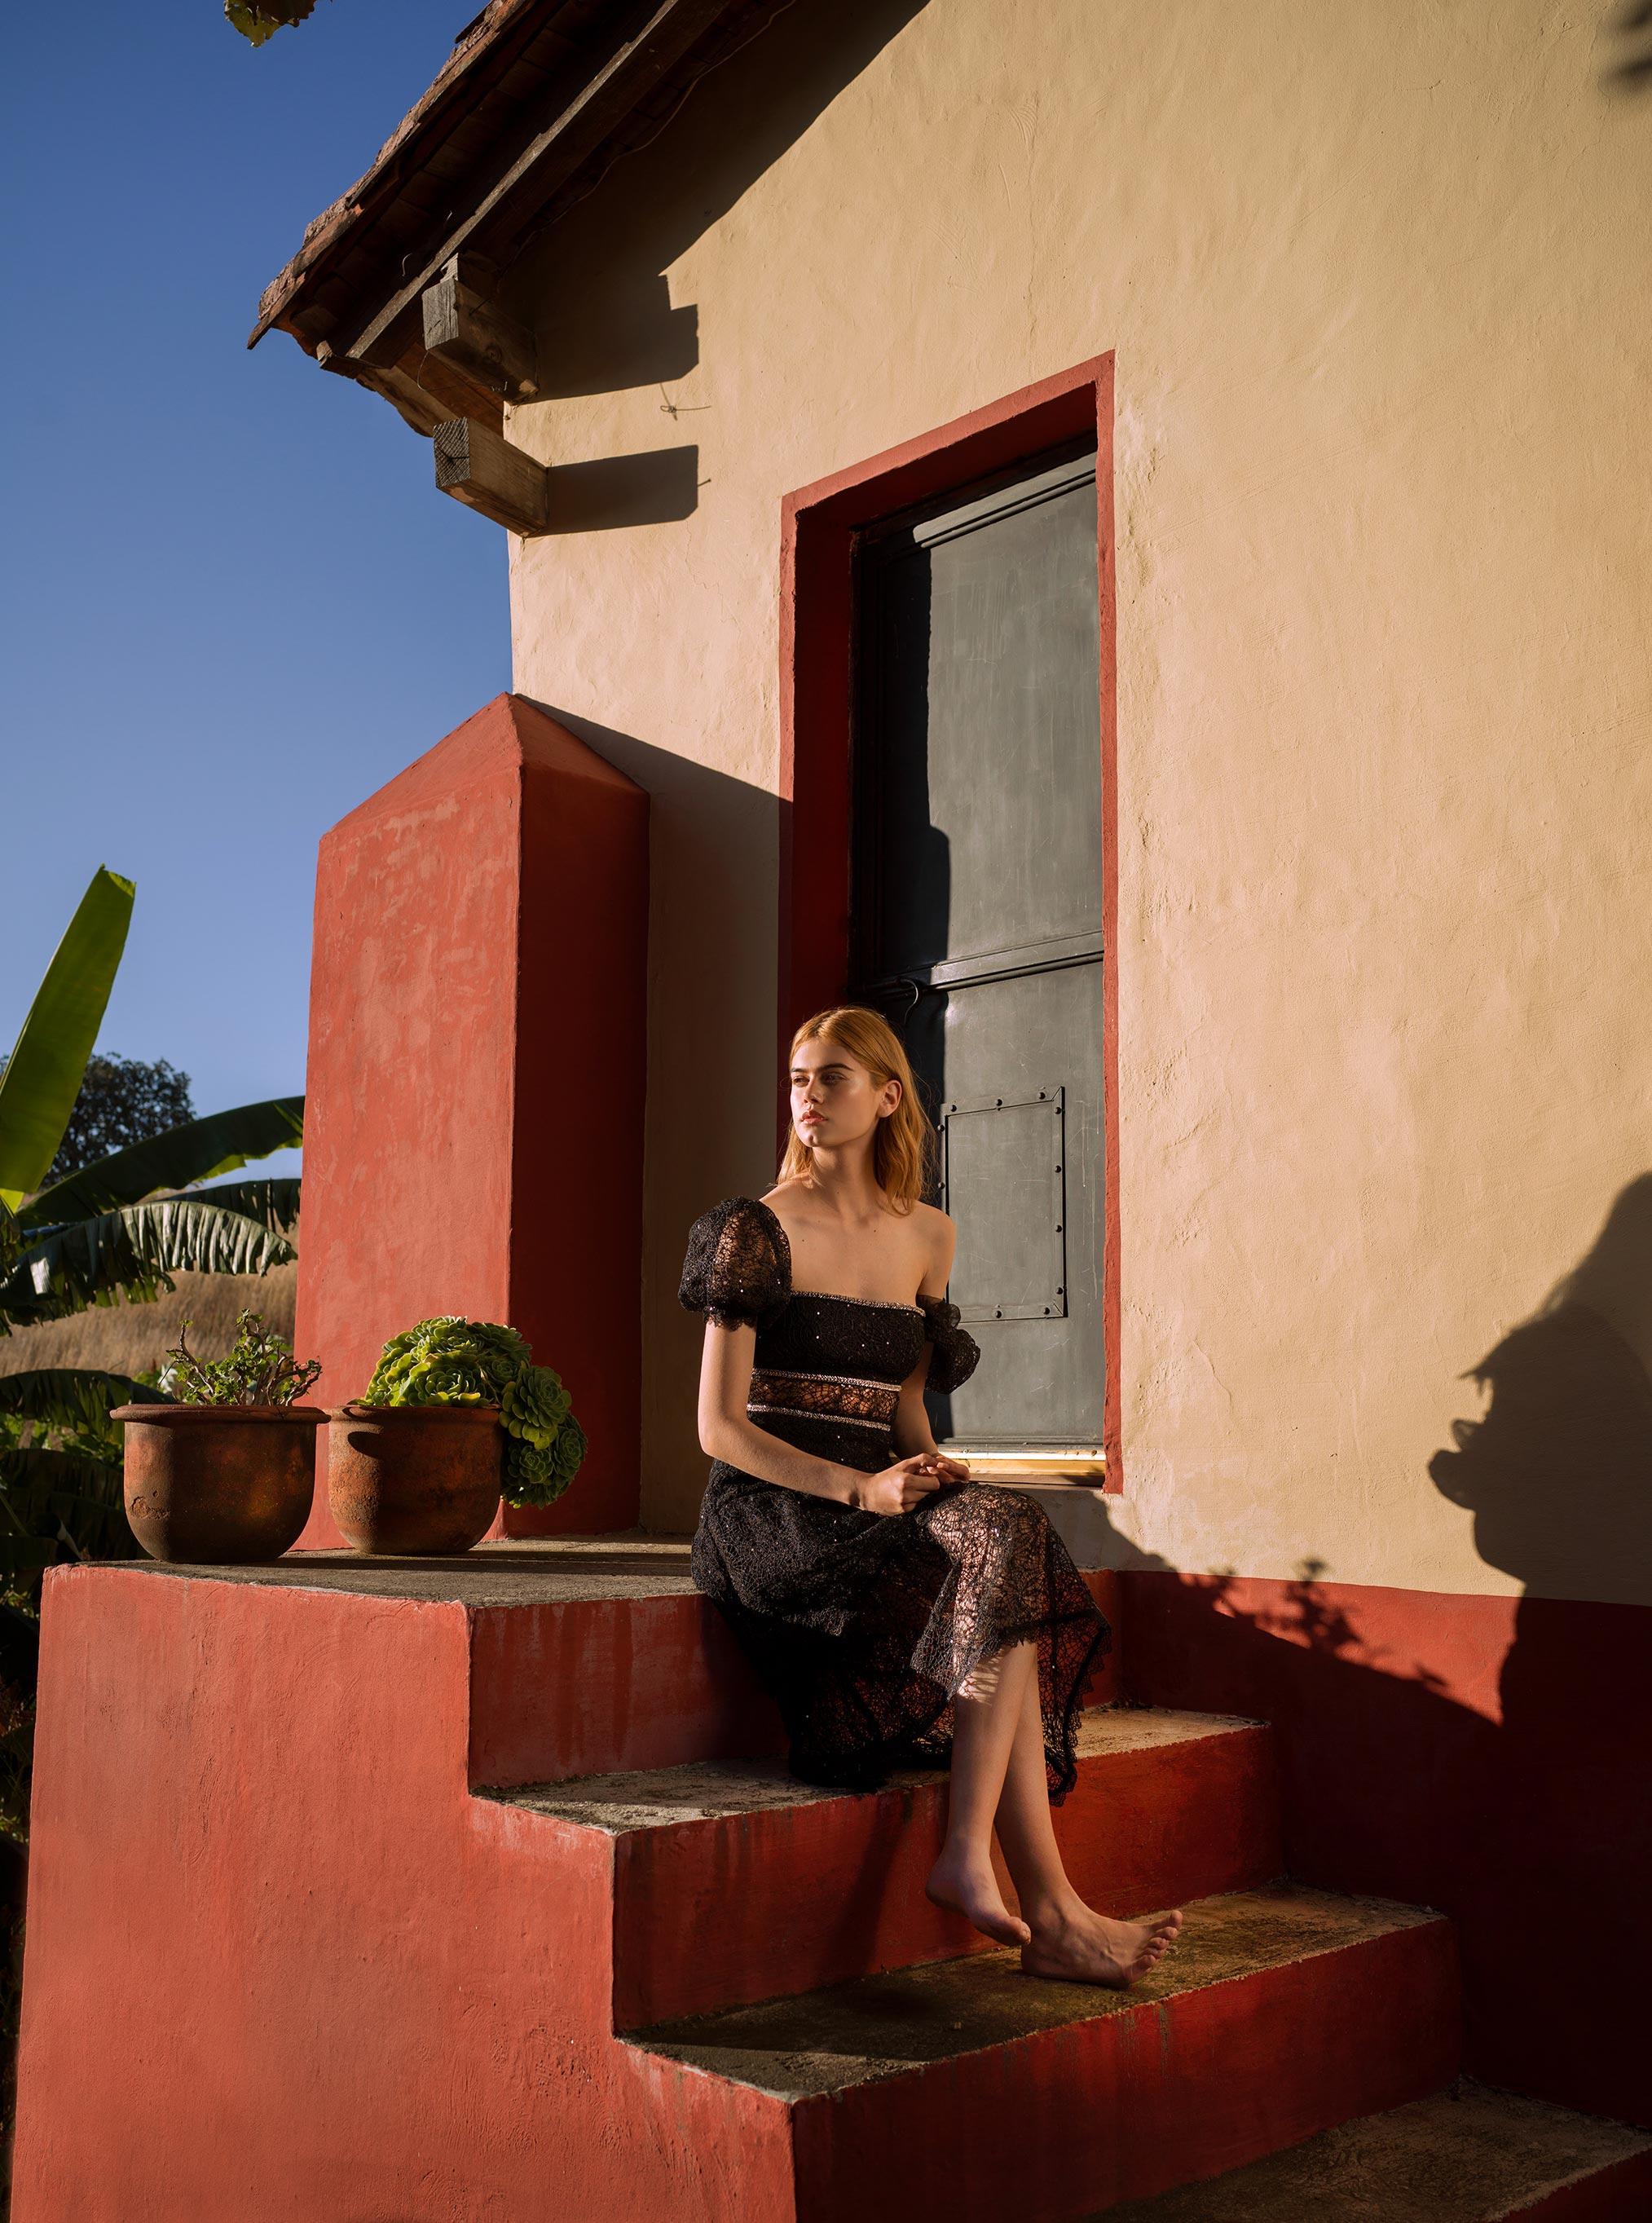 Паола Мендес - съемка в штате Халиско, Мексика / фото 11